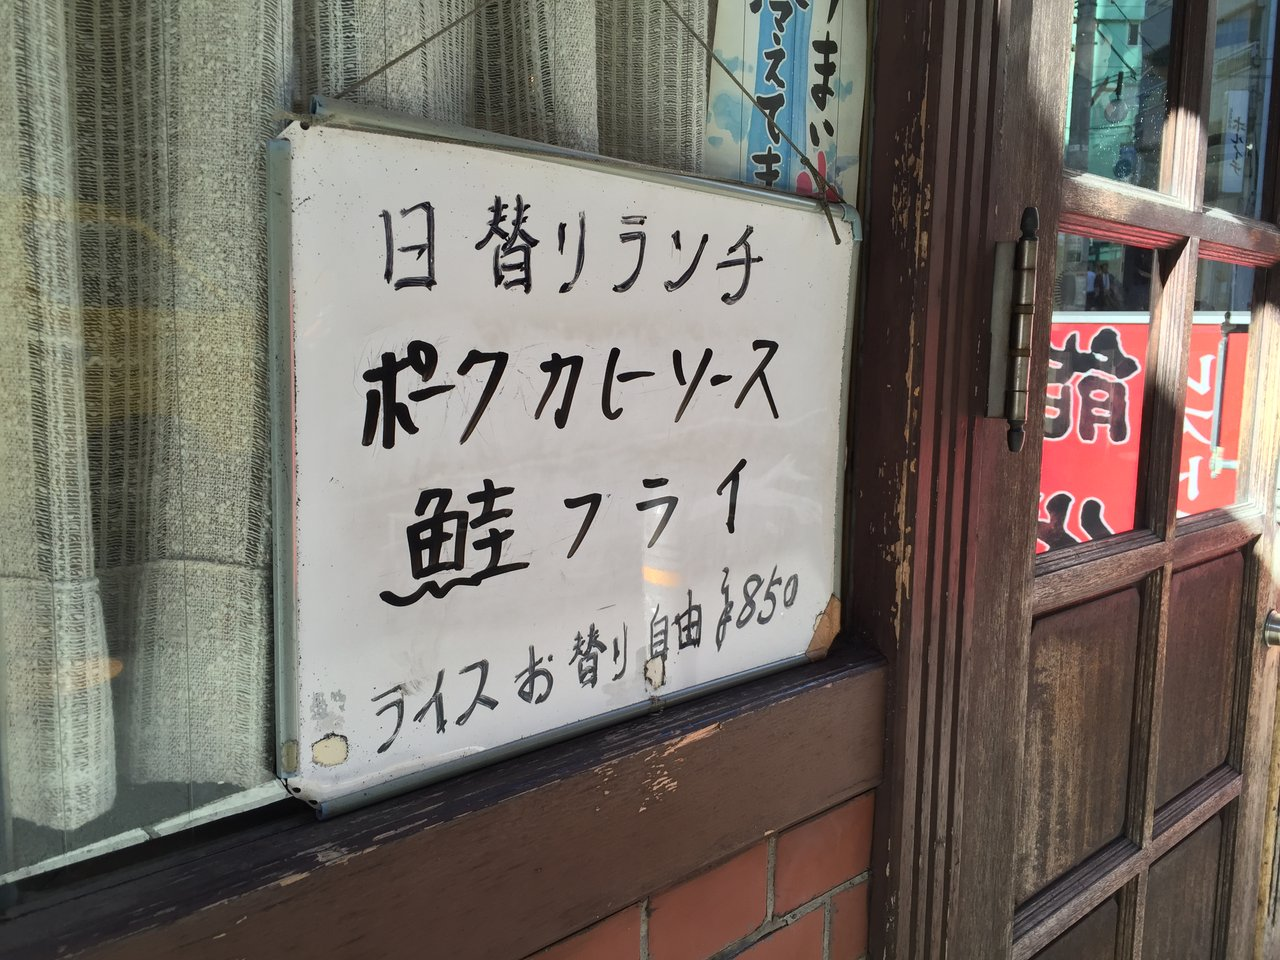 渋谷の洋食屋「レストラン能代」はライス抜きだとランチが150円引きなので糖質制限ダイエット中のやつは全員行け